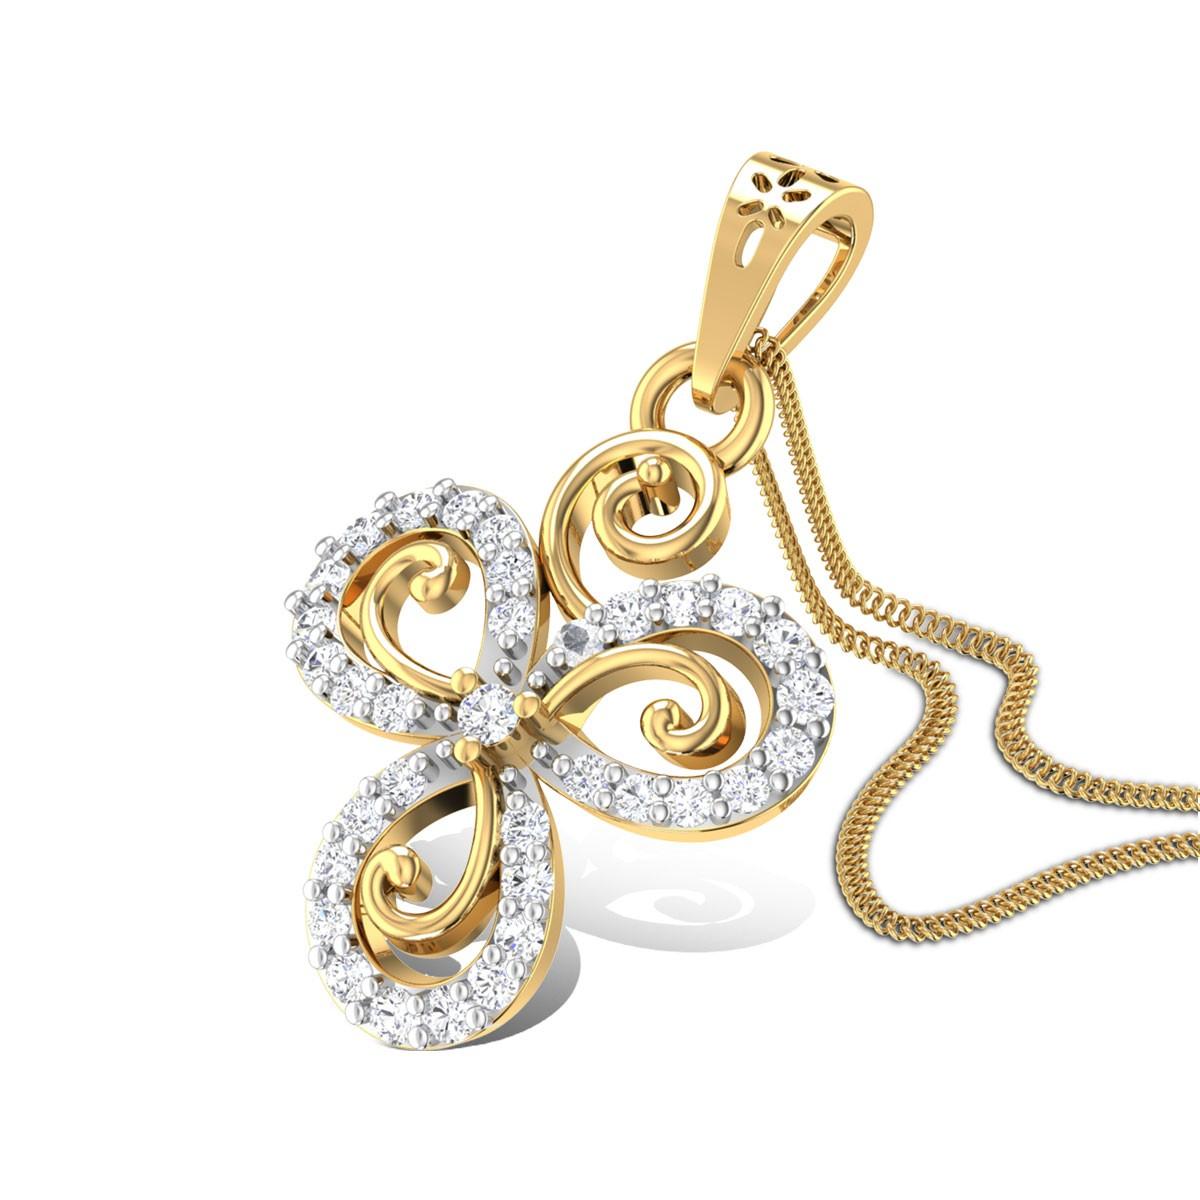 Heliotrop Diamond Pendant